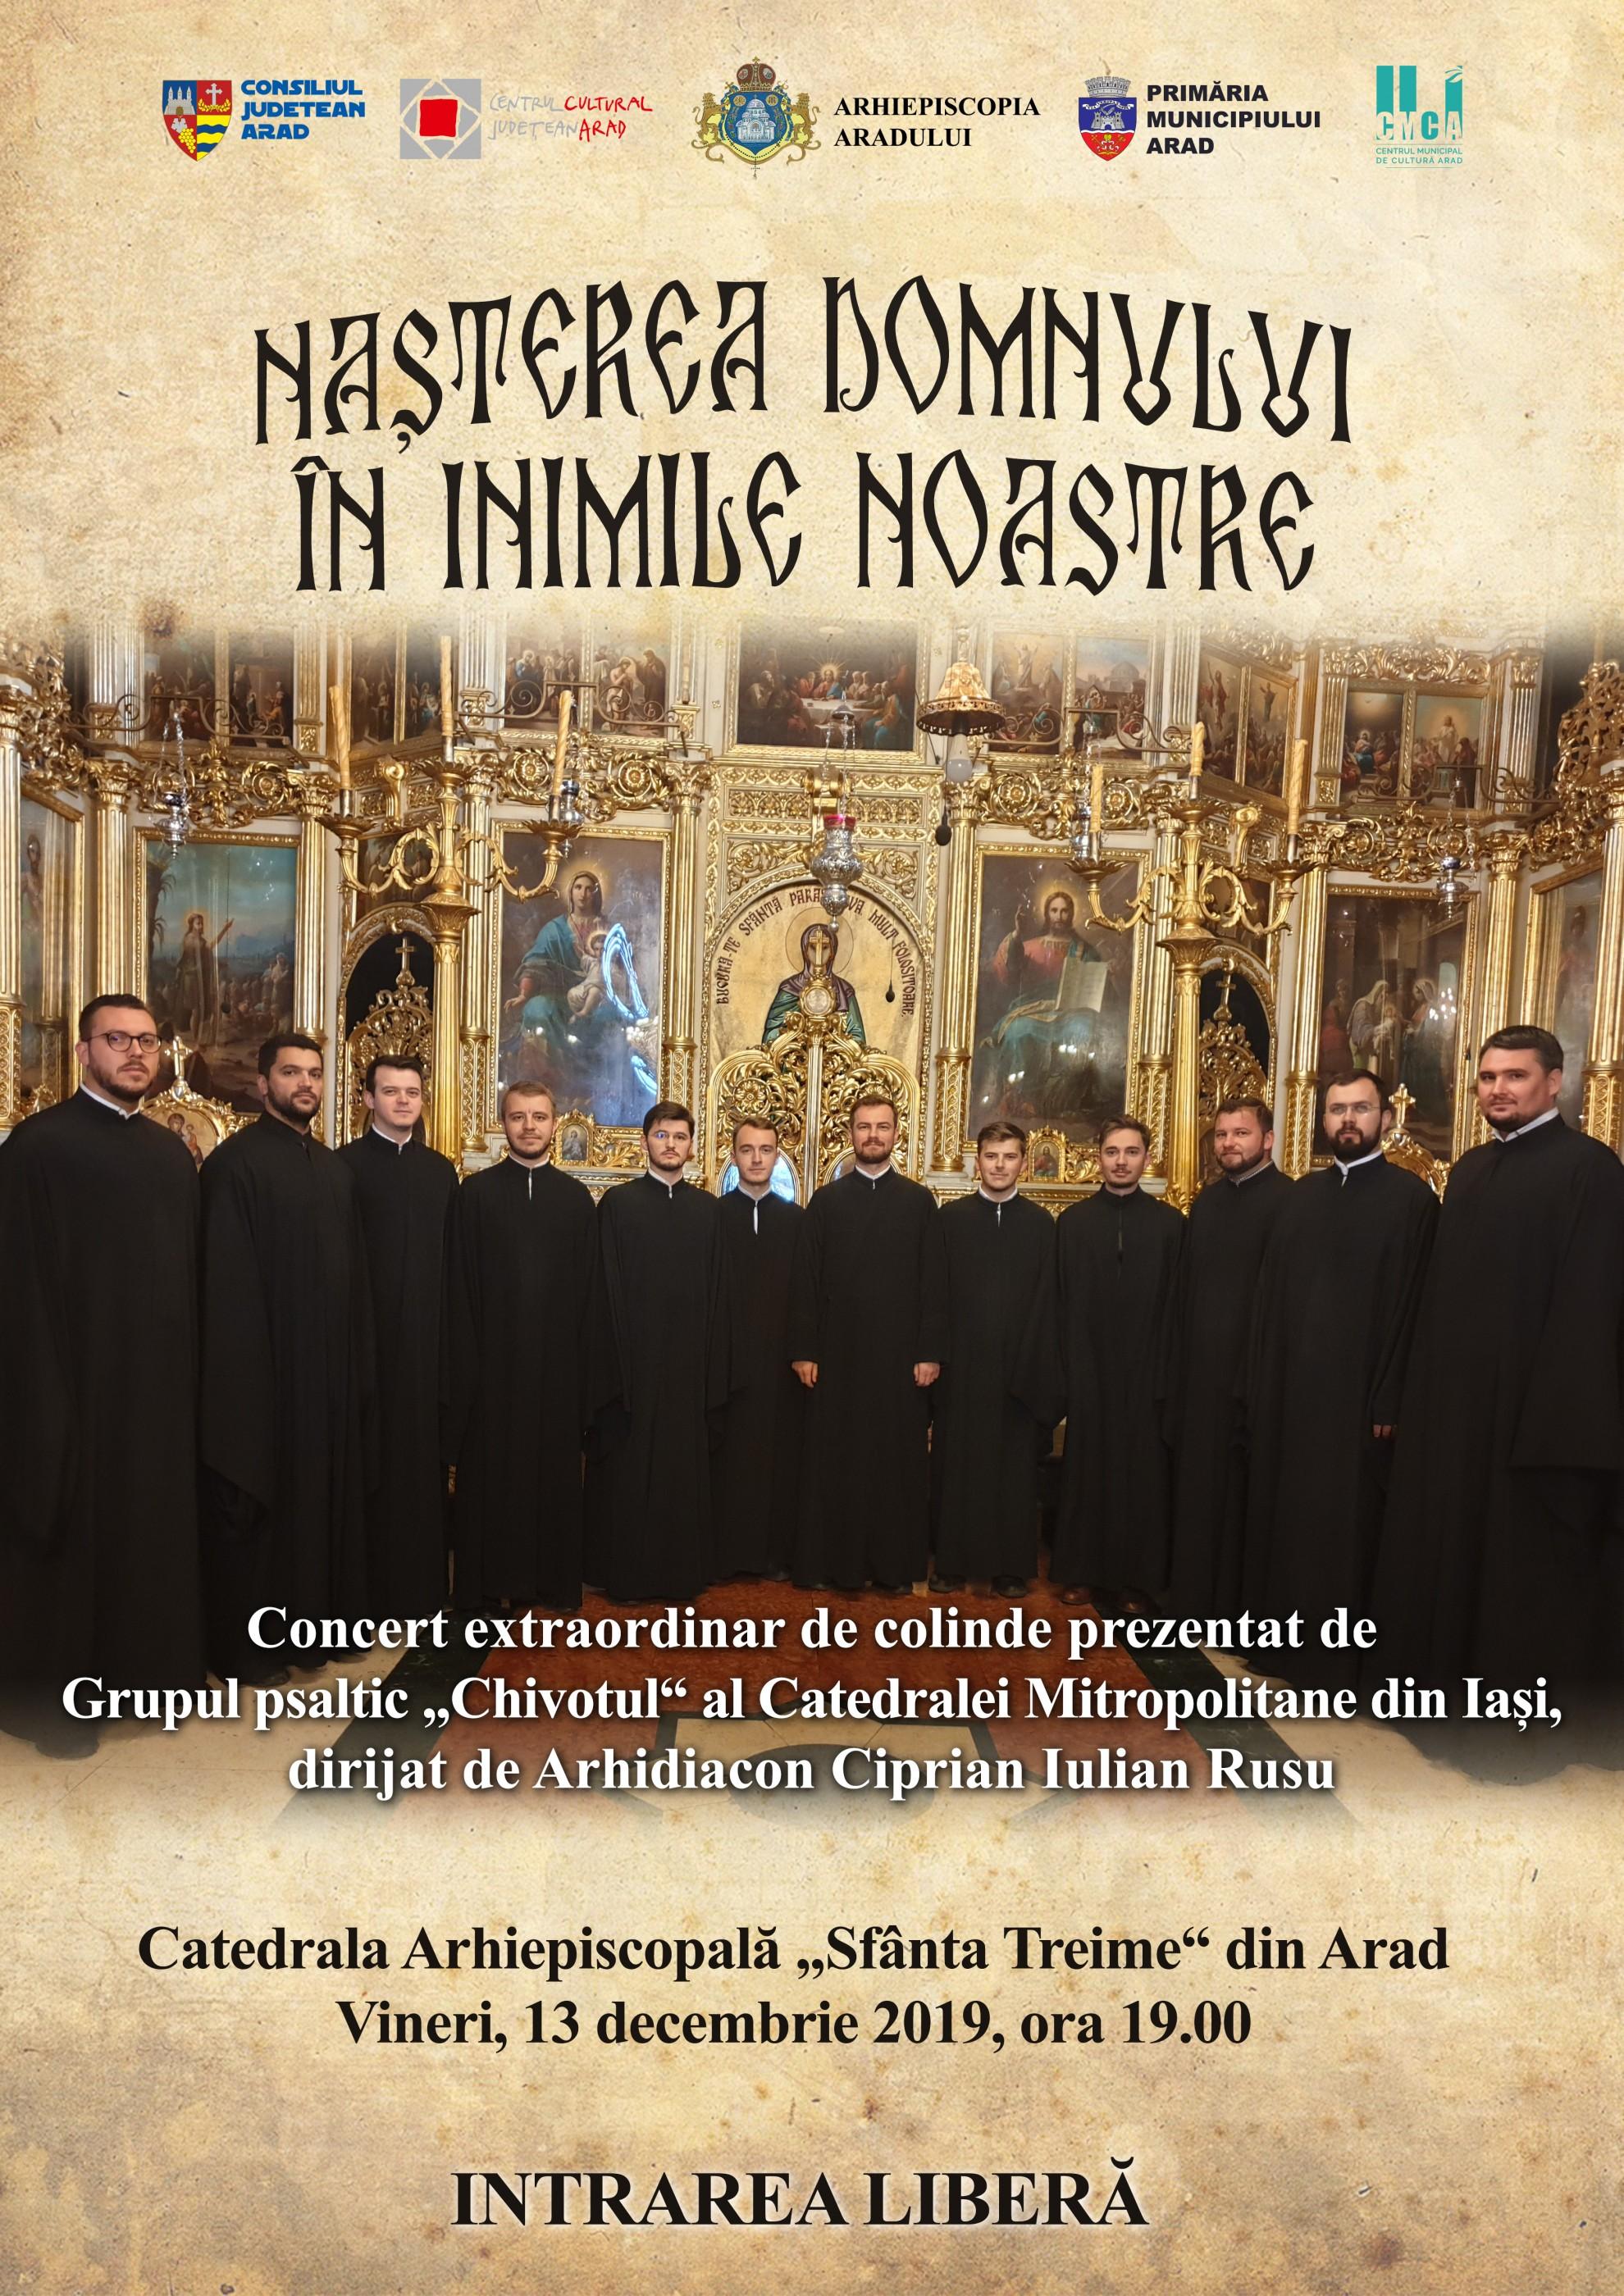 """""""Nașterea Domnului în inimile noastre"""" – concert de colinde la Catedrala Arhiepiscopală """"Sfânta Treime"""" din Arad"""